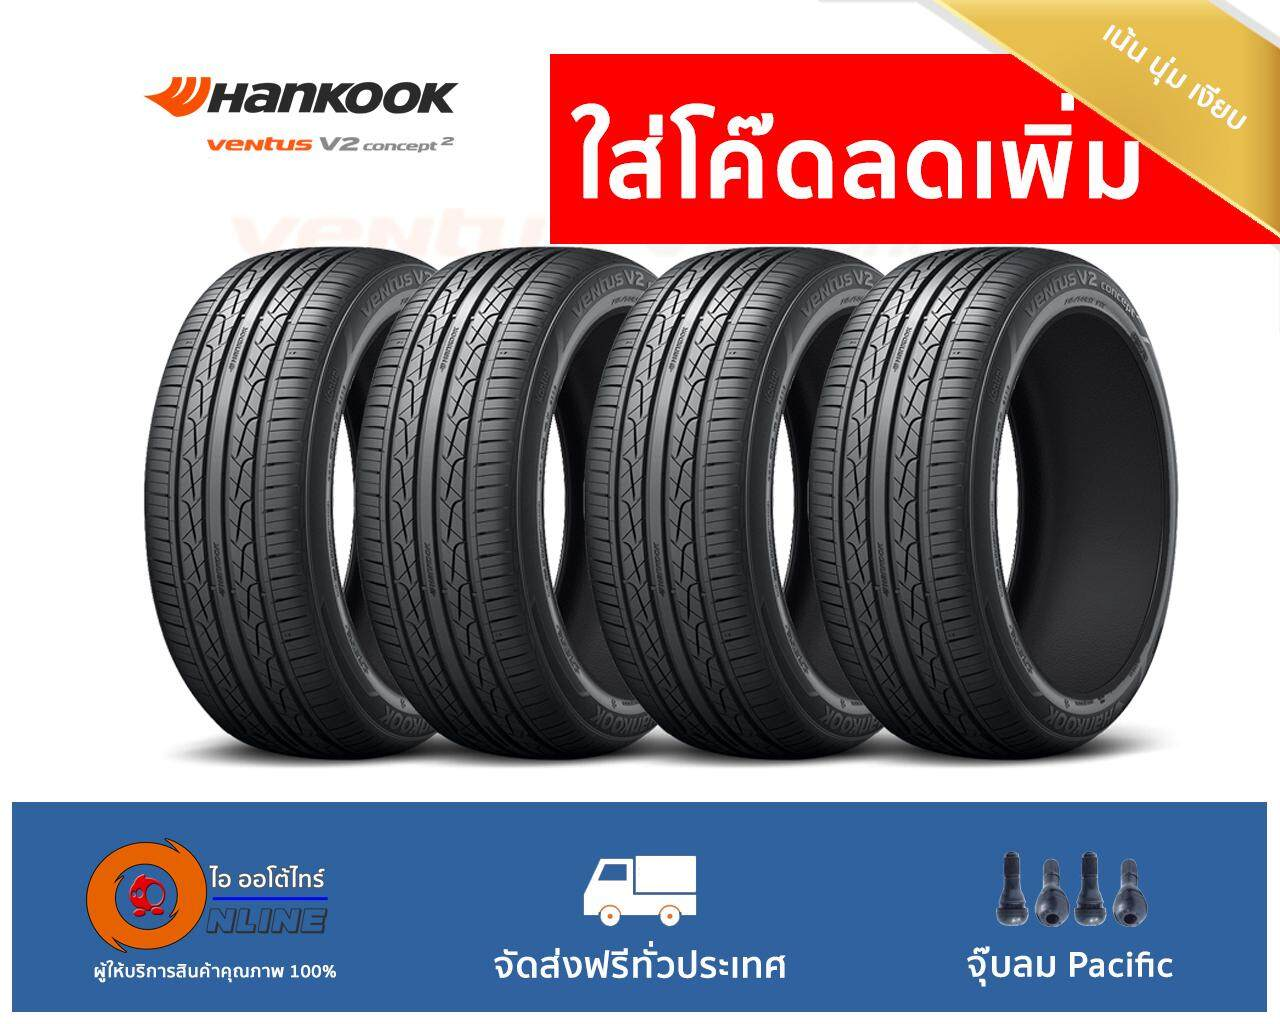 ประกันภัย รถยนต์ 3 พลัส ราคา ถูก สตูล Hankook V2 ขนาด 195/55/1 (4 เส้น)